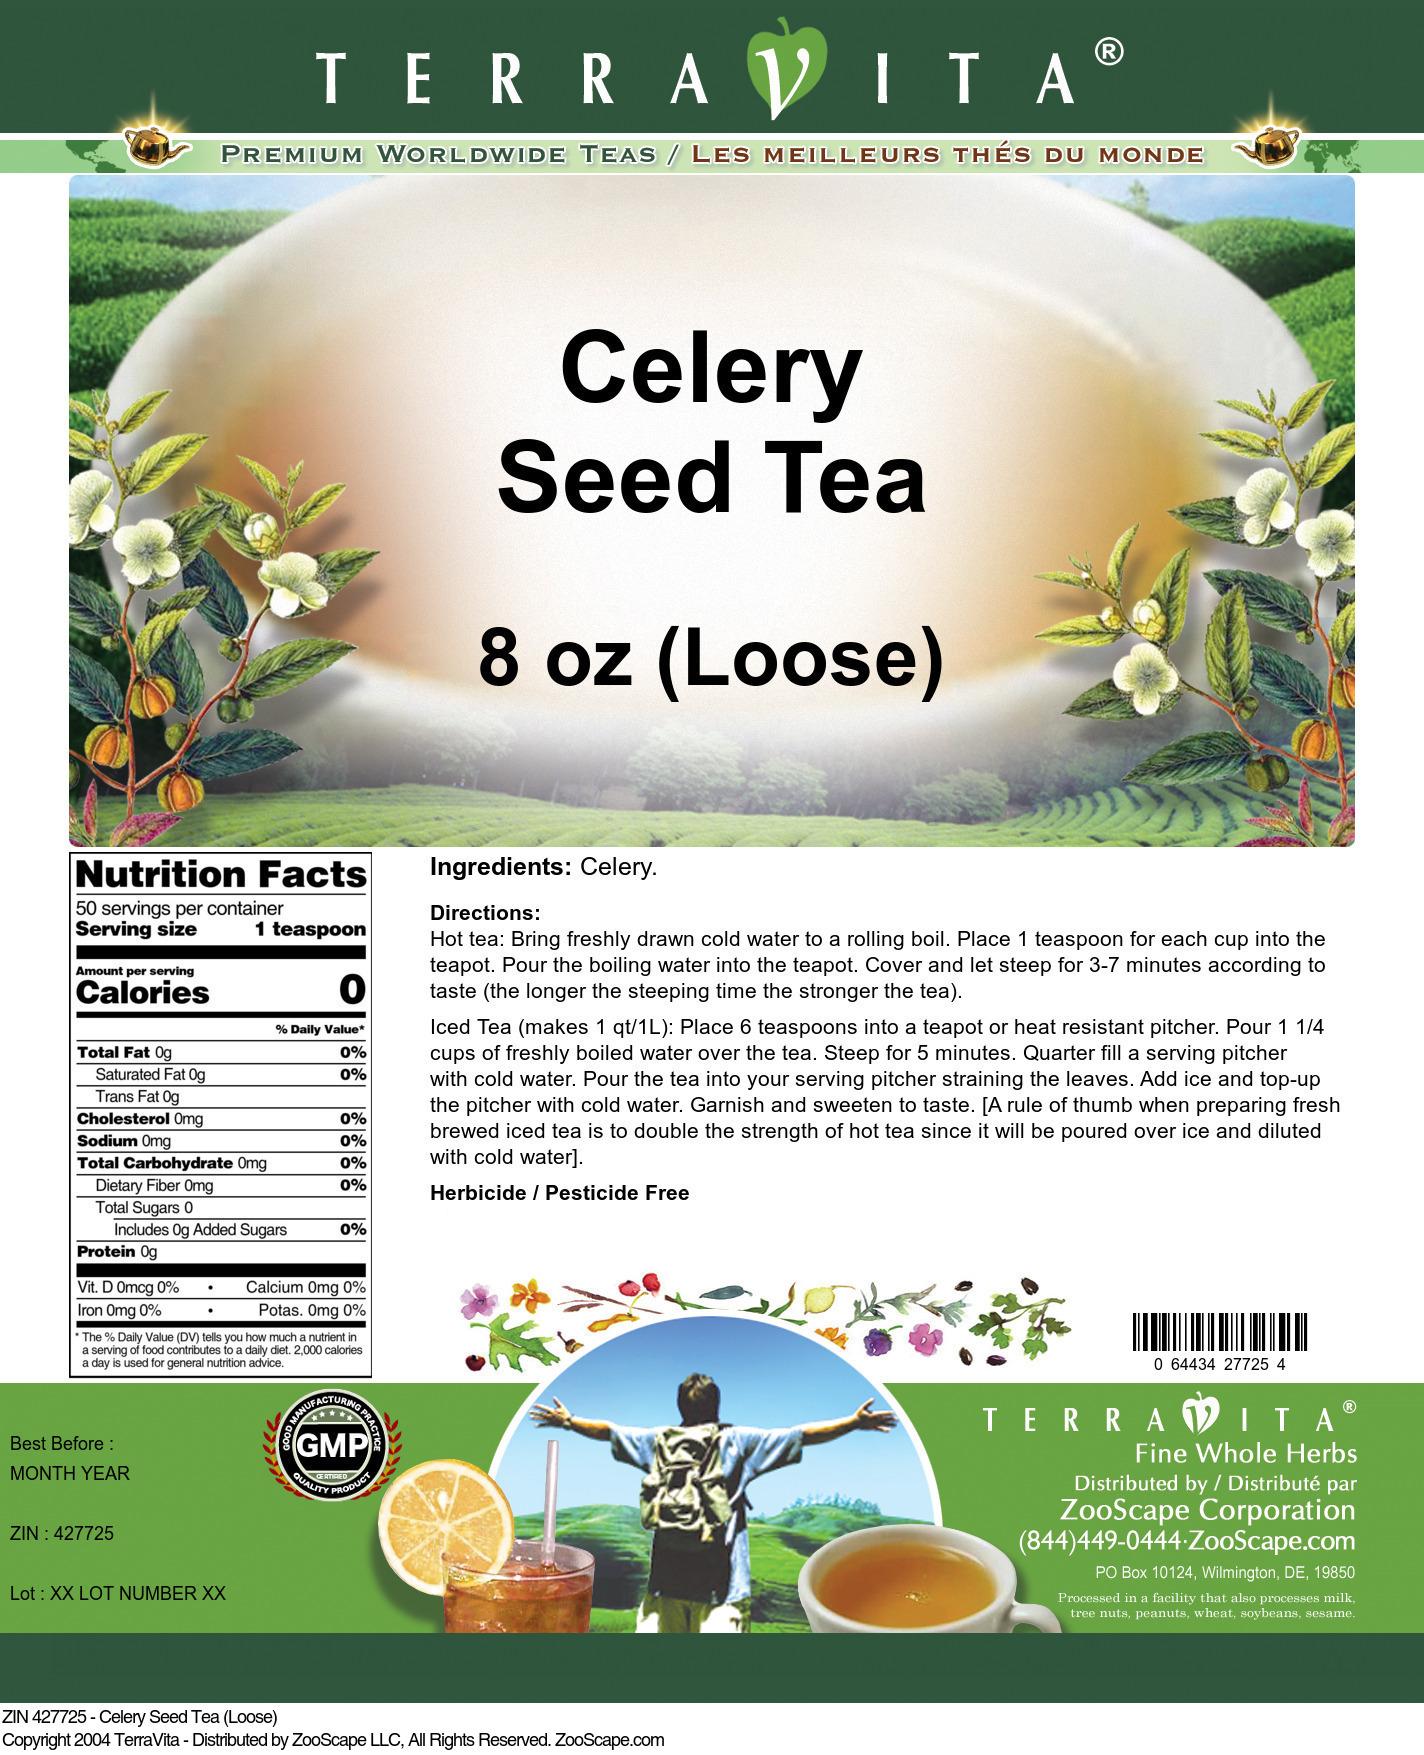 Celery Seed Tea (Loose)